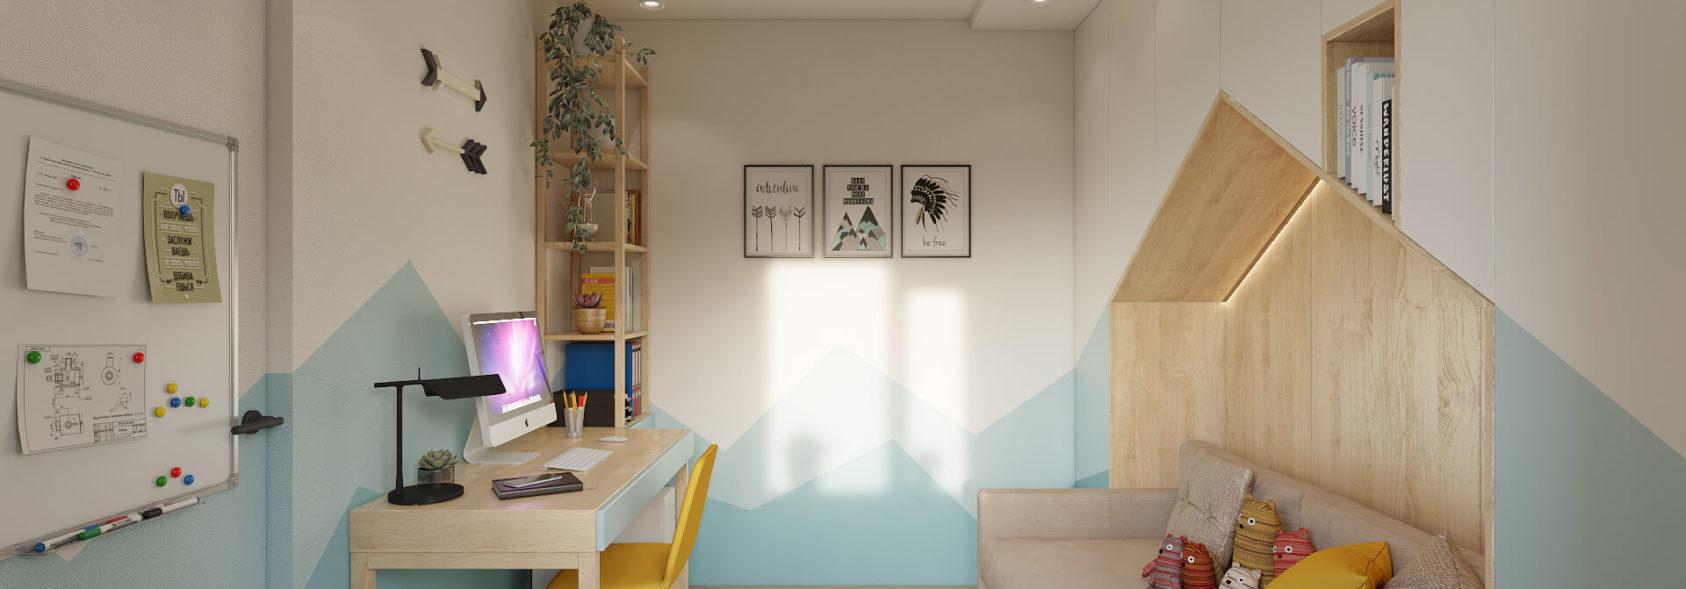 Детская в трехкомнатной квартире